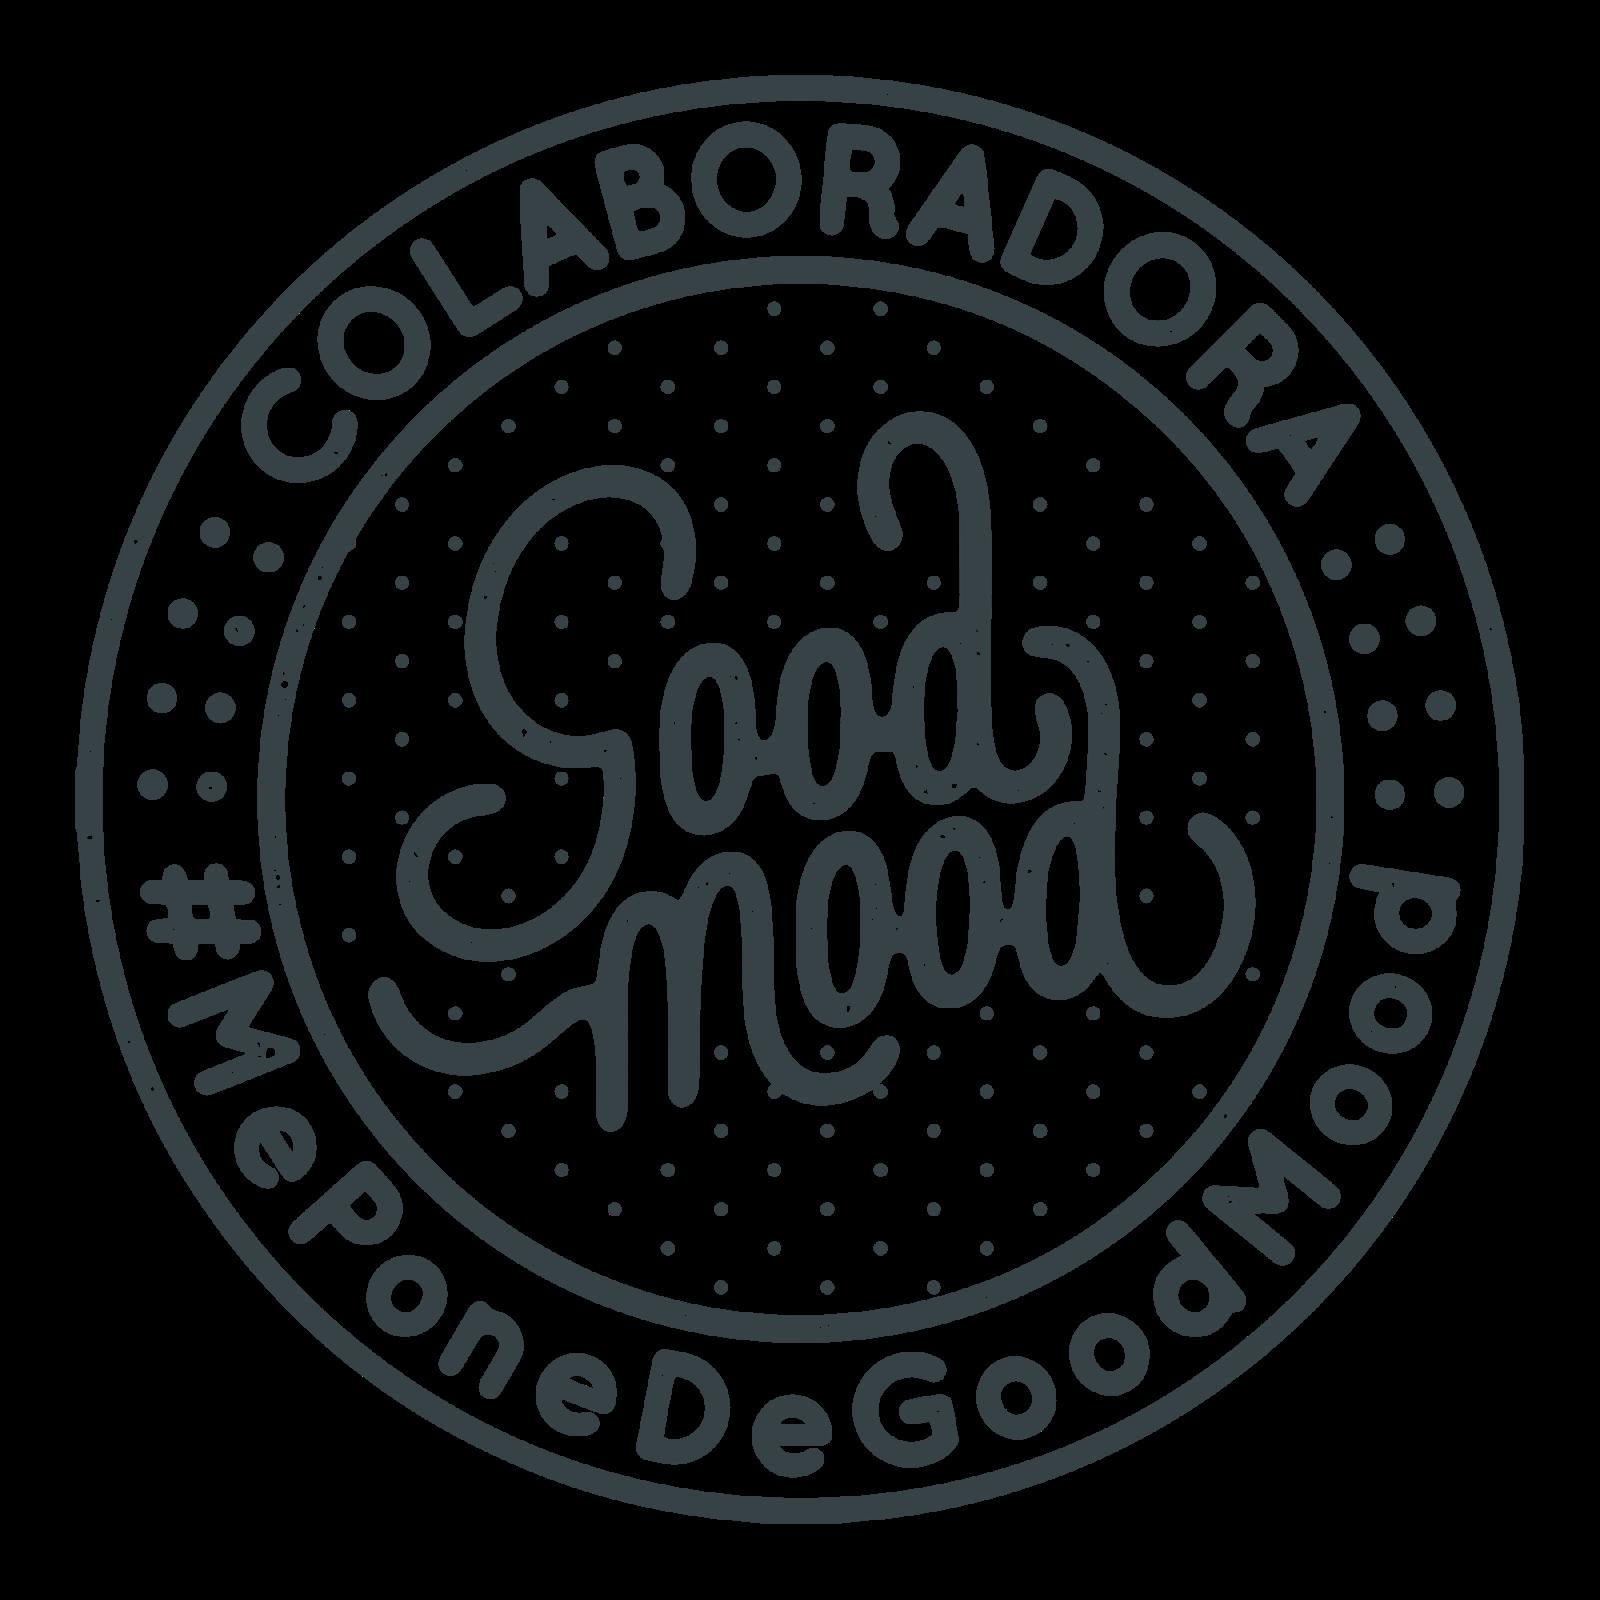 #GoodMooders